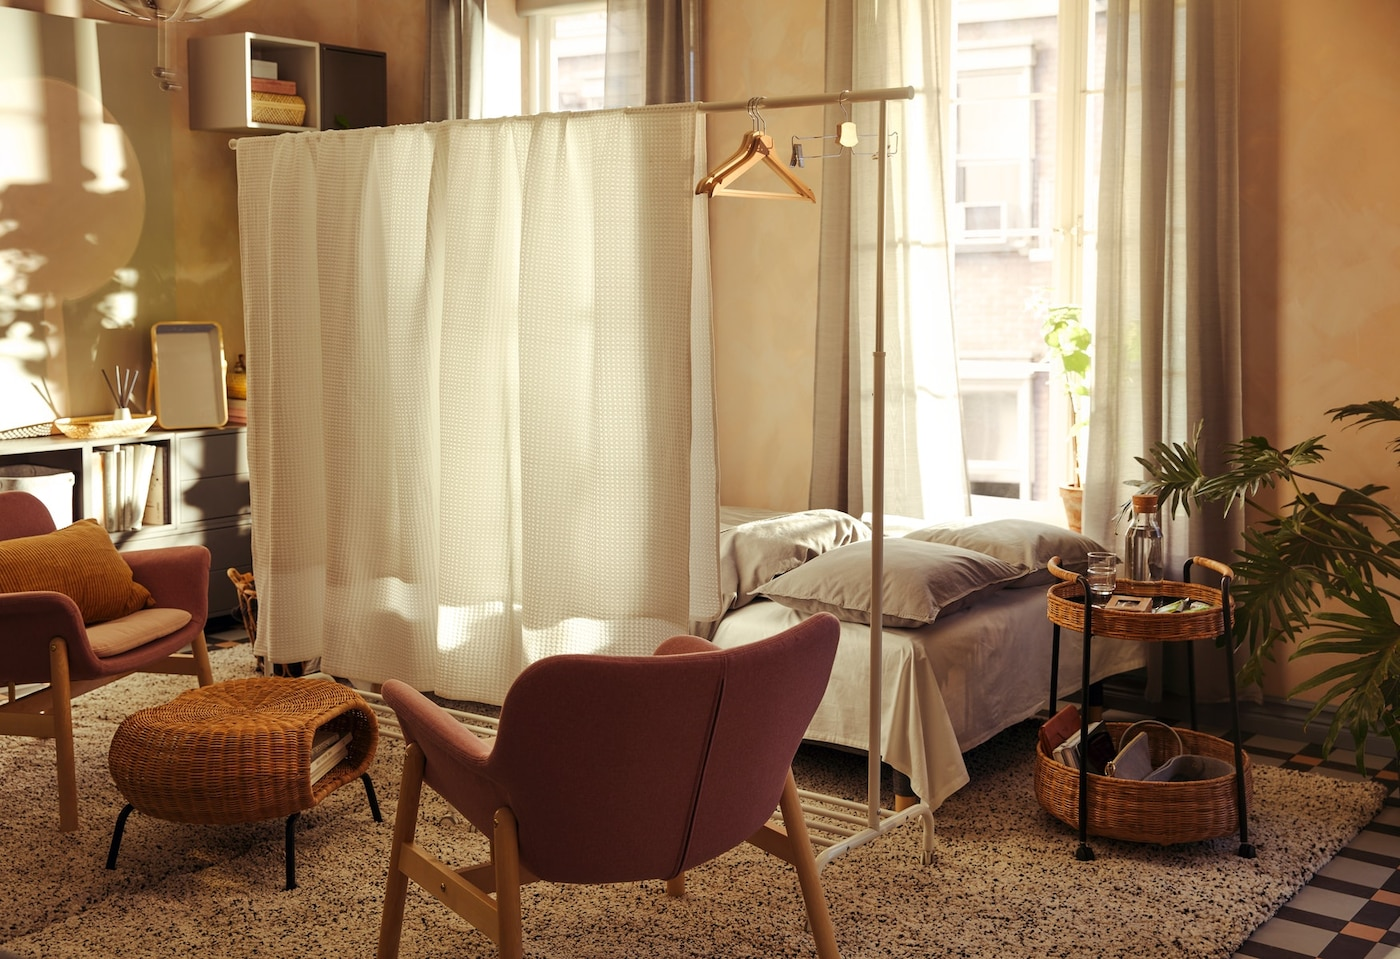 Platz für Übernachtungsgäste in deinem Zuhause IKEA Österreich